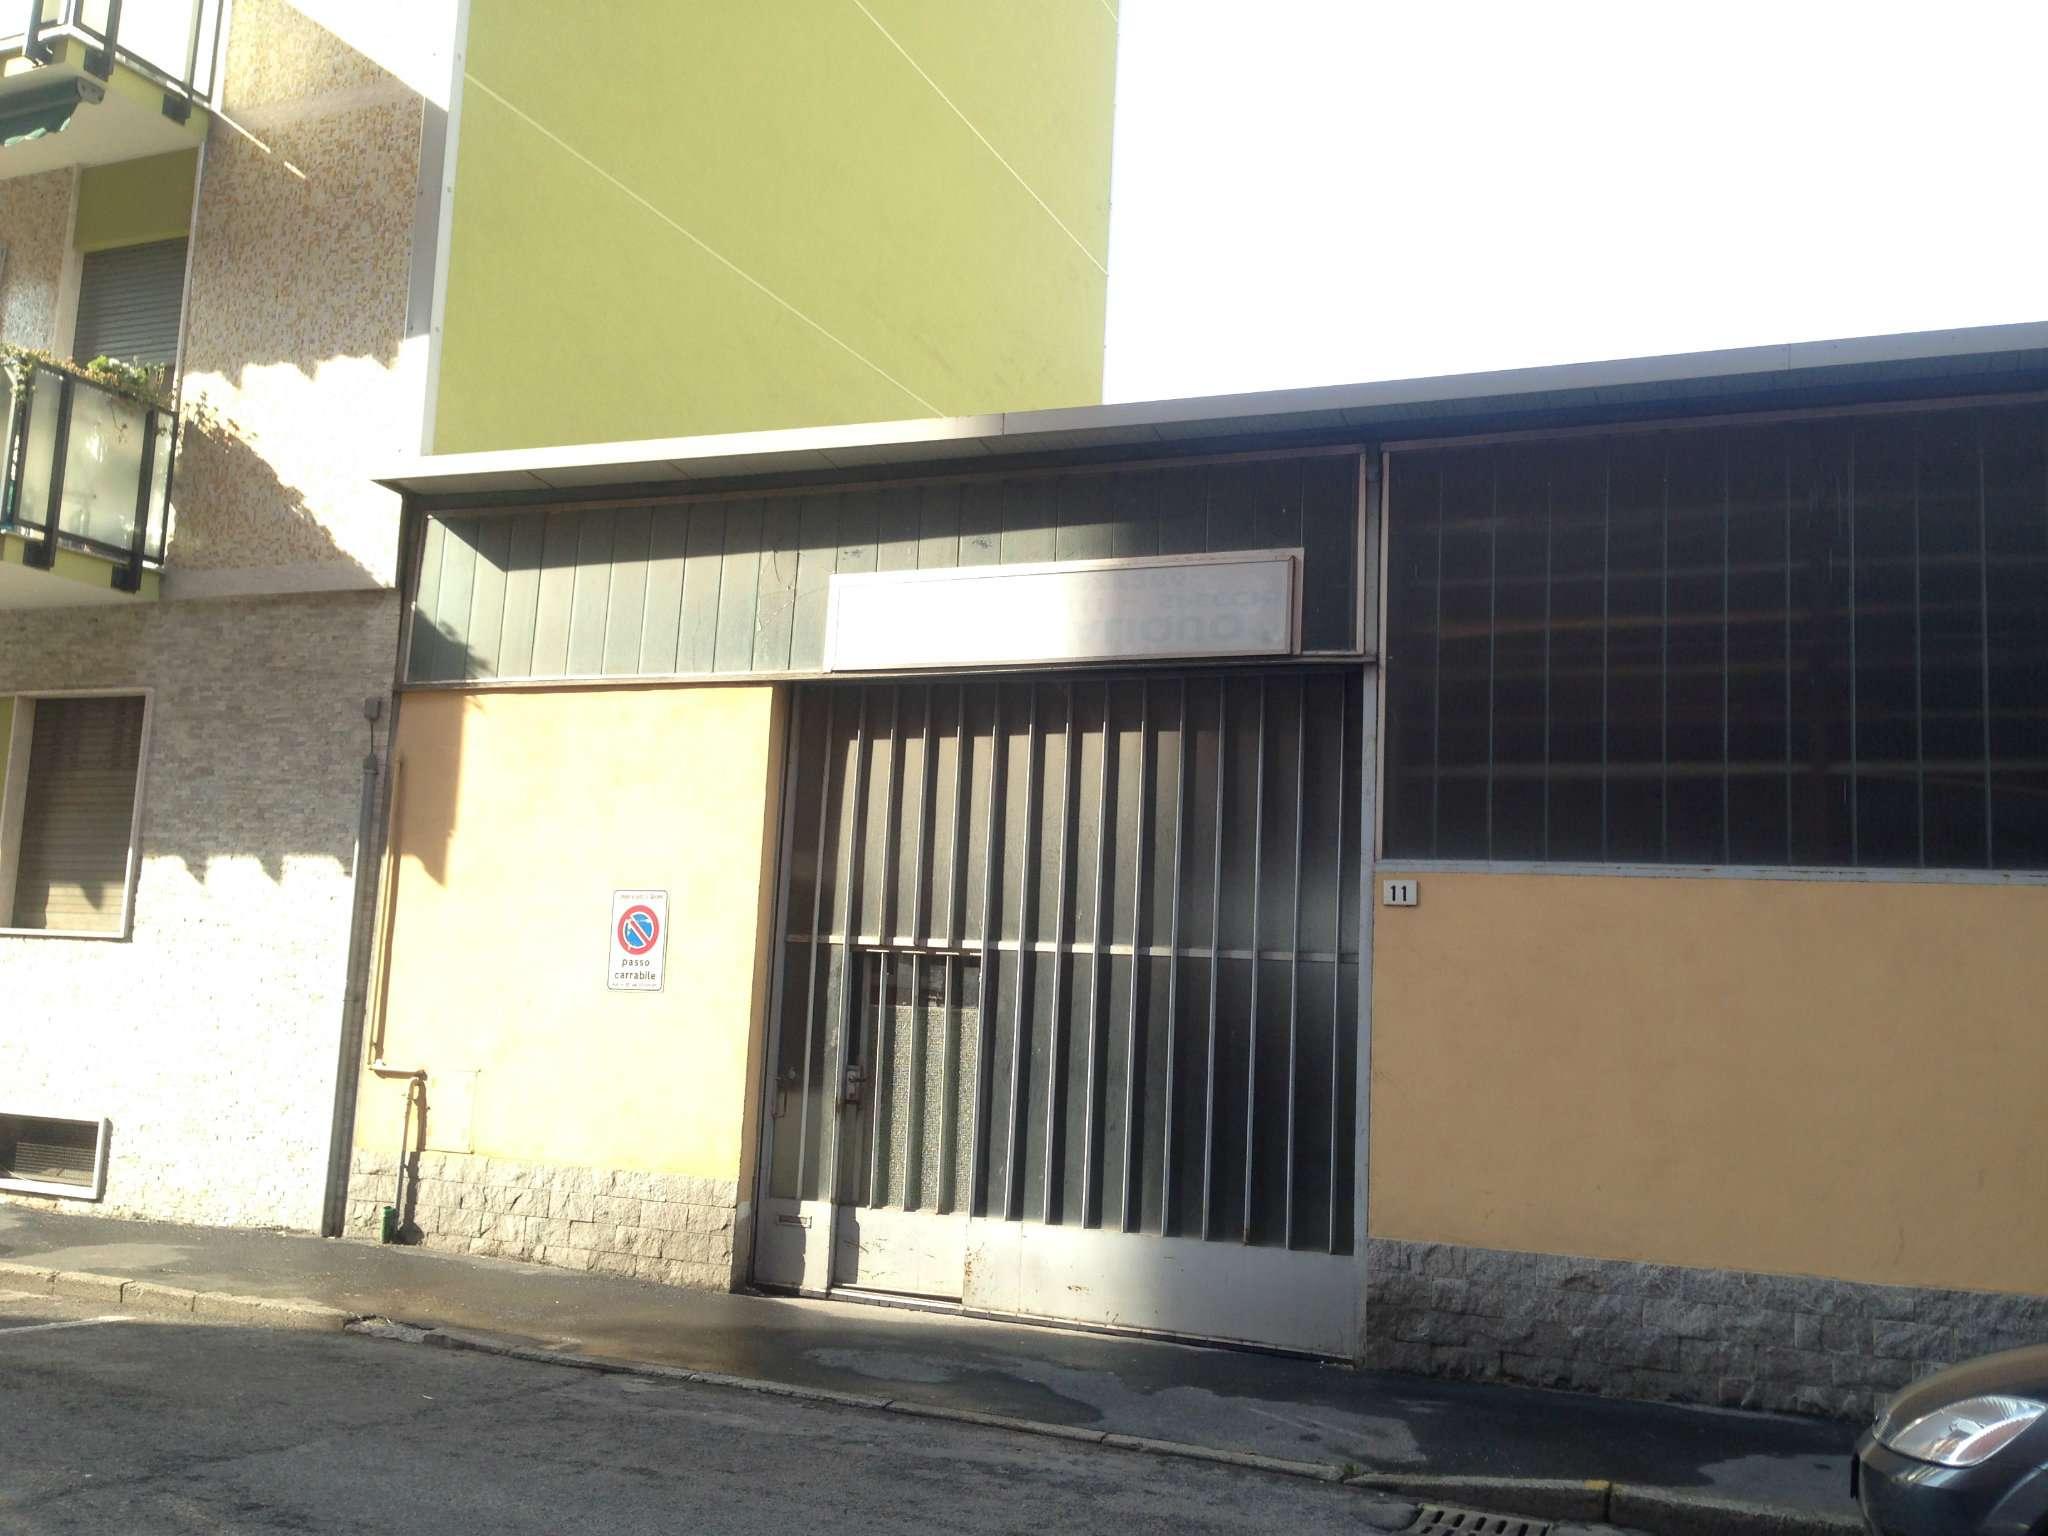 Capannone in vendita a Sesto San Giovanni, 1 locali, prezzo € 160.000 | PortaleAgenzieImmobiliari.it